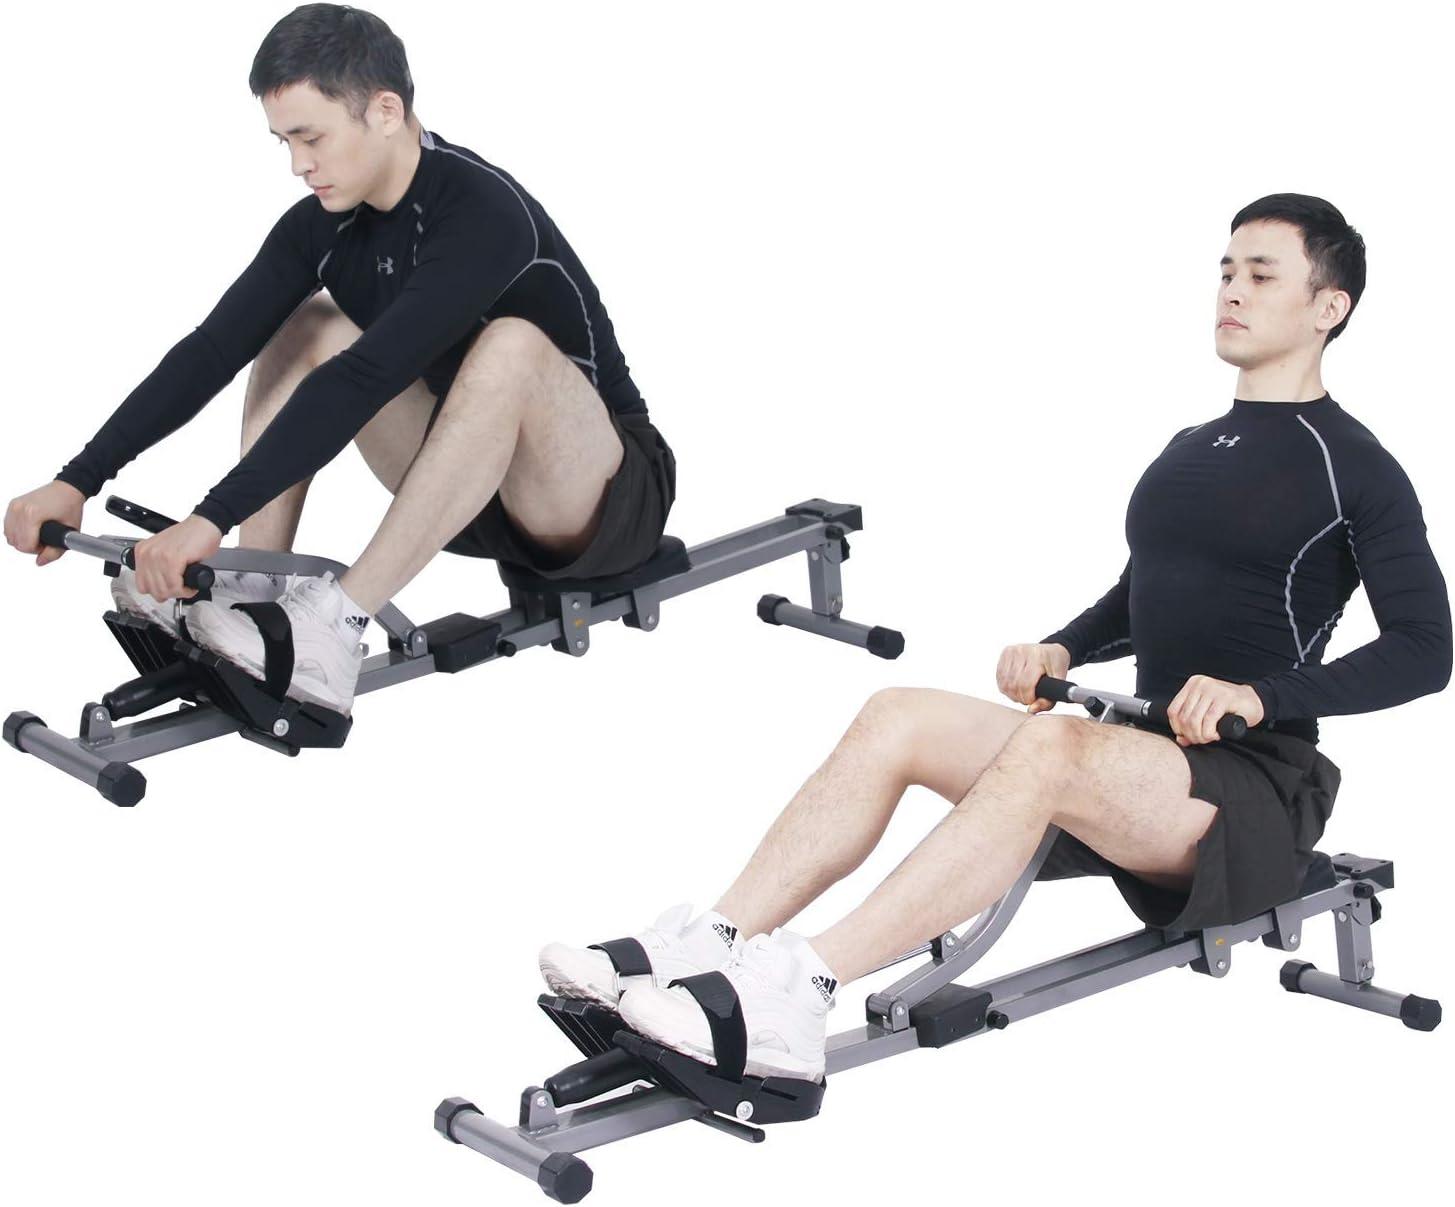 Best Rowing Machines Under $800